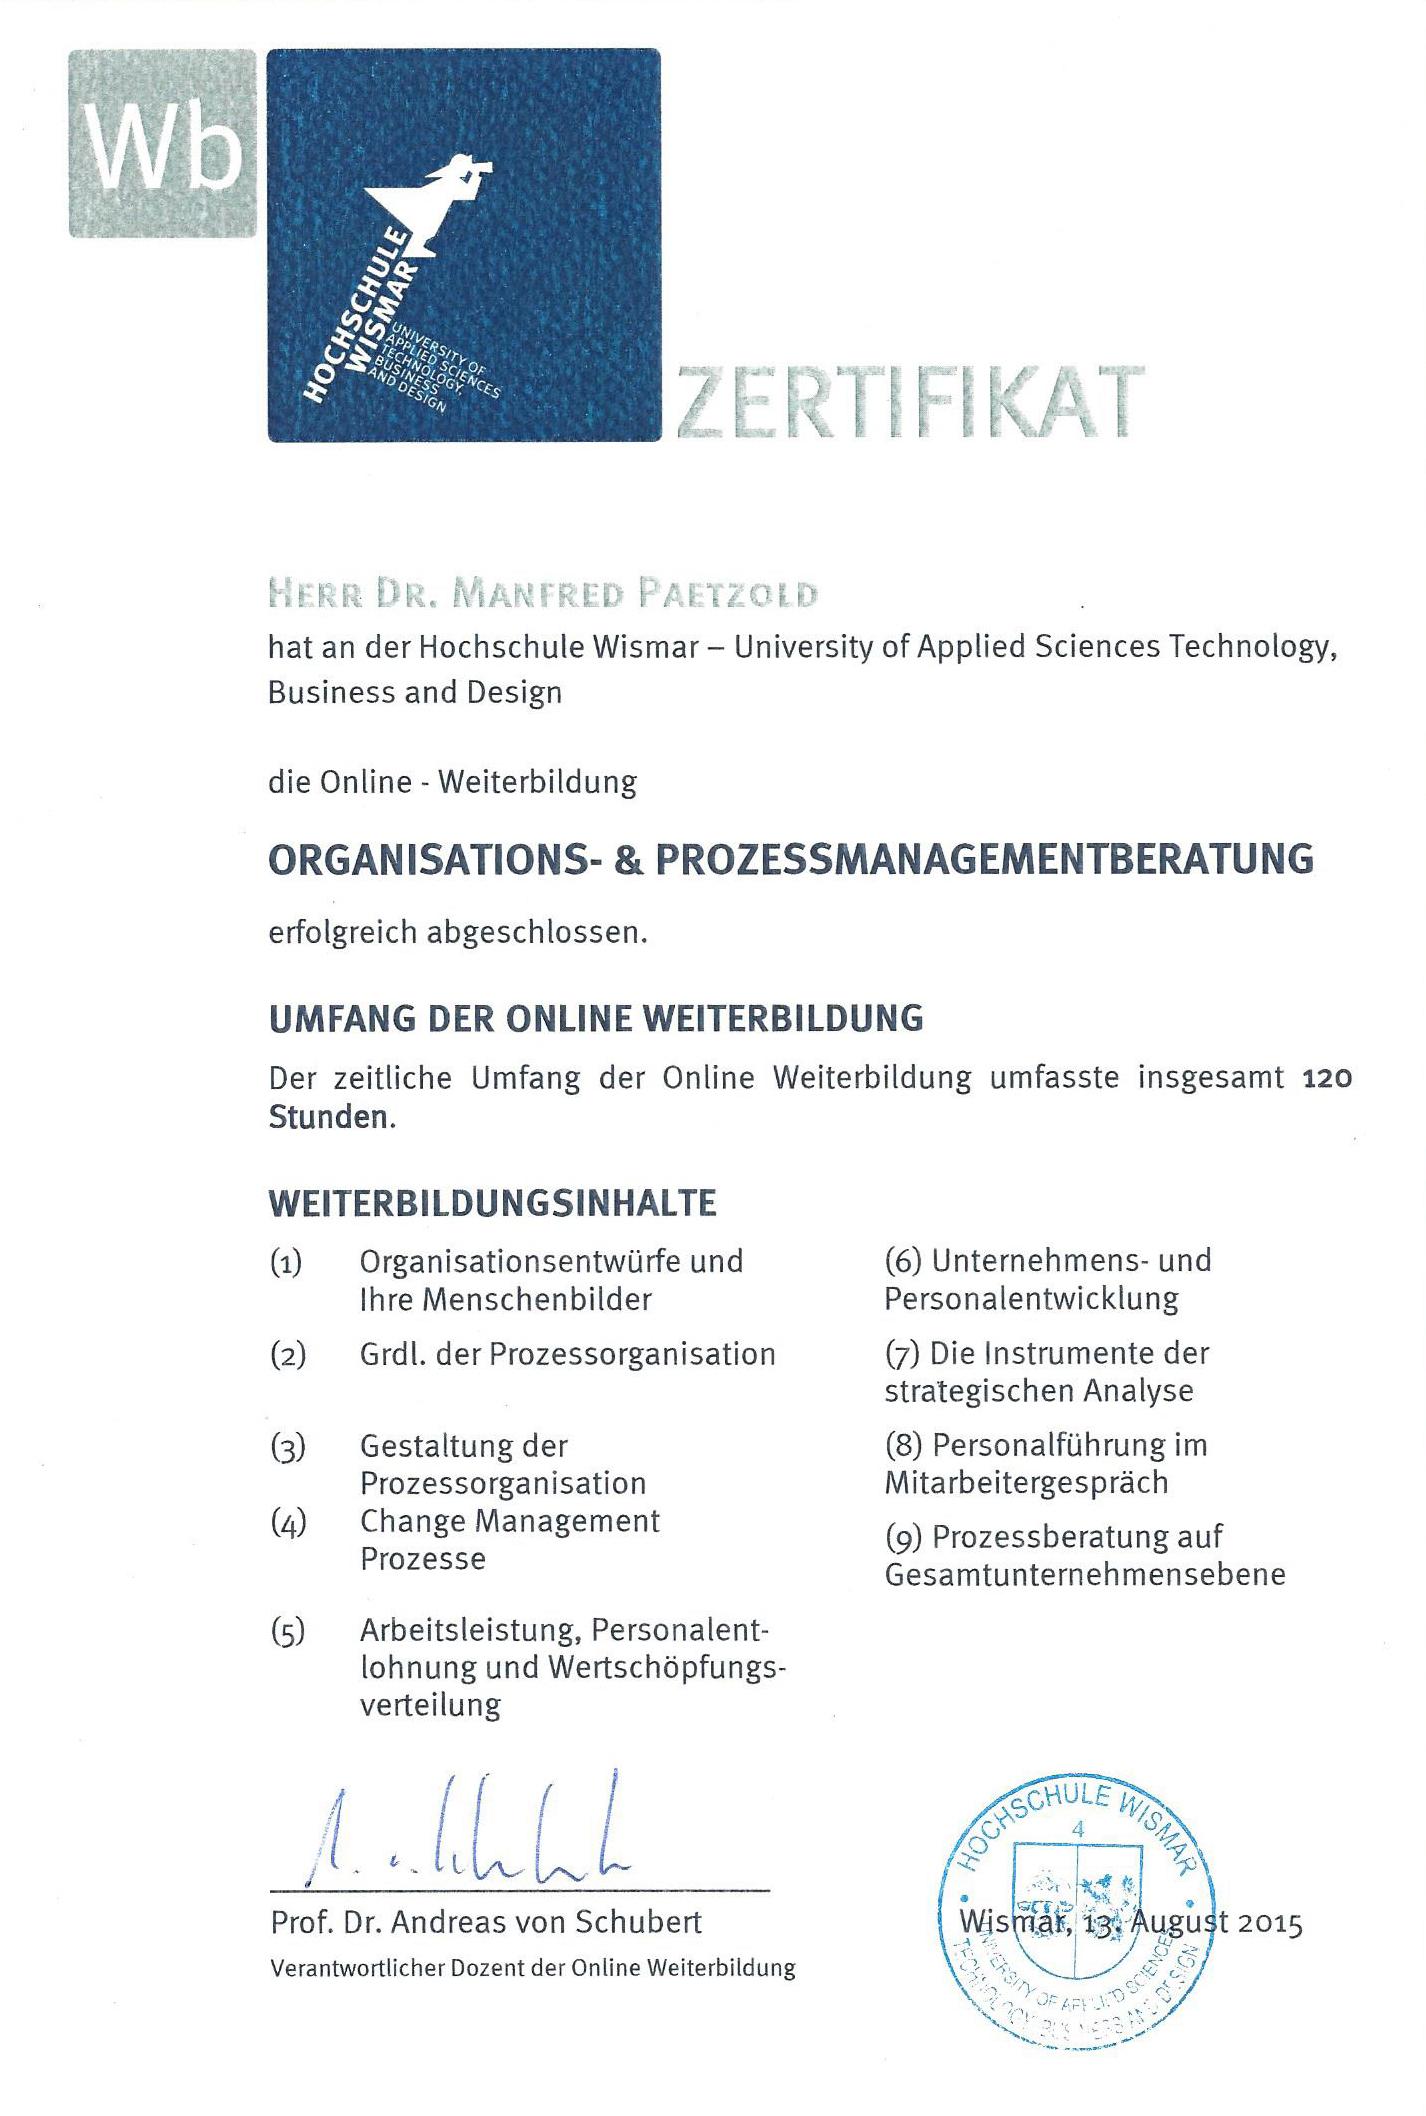 Zertifikat HS Wismar 2015